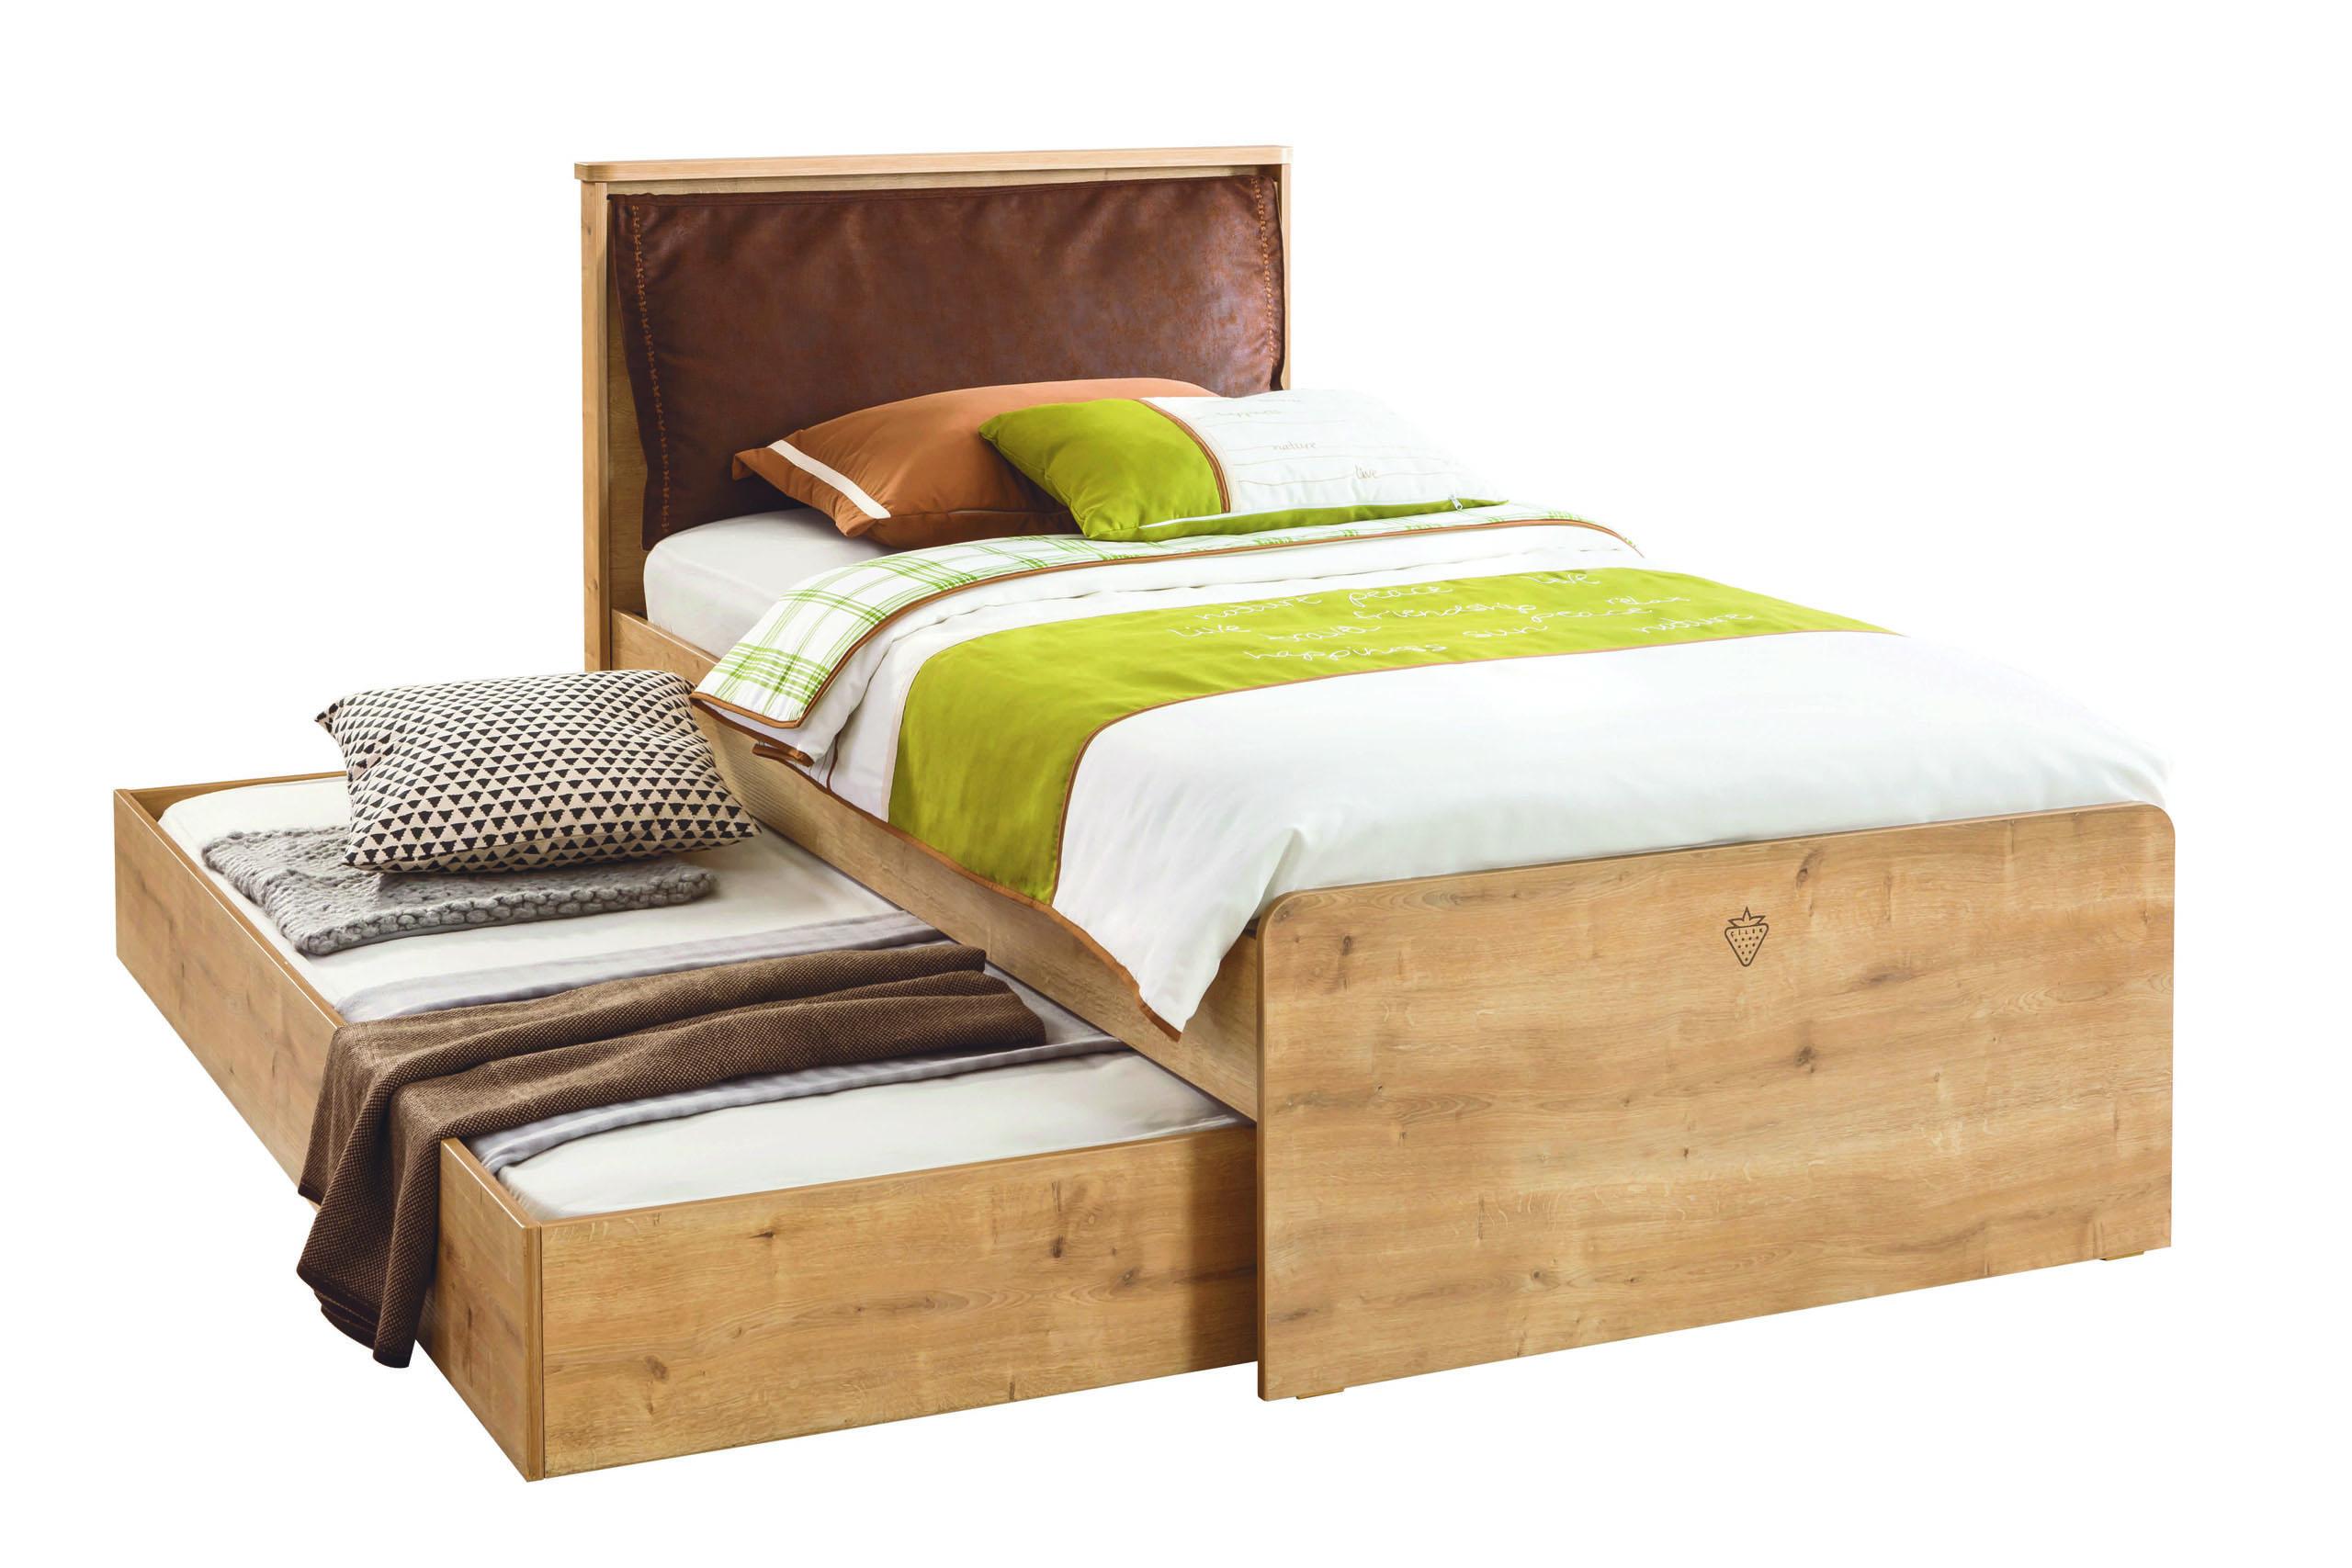 tudentsk pr stelka mocha 90x190 cm cilek. Black Bedroom Furniture Sets. Home Design Ideas